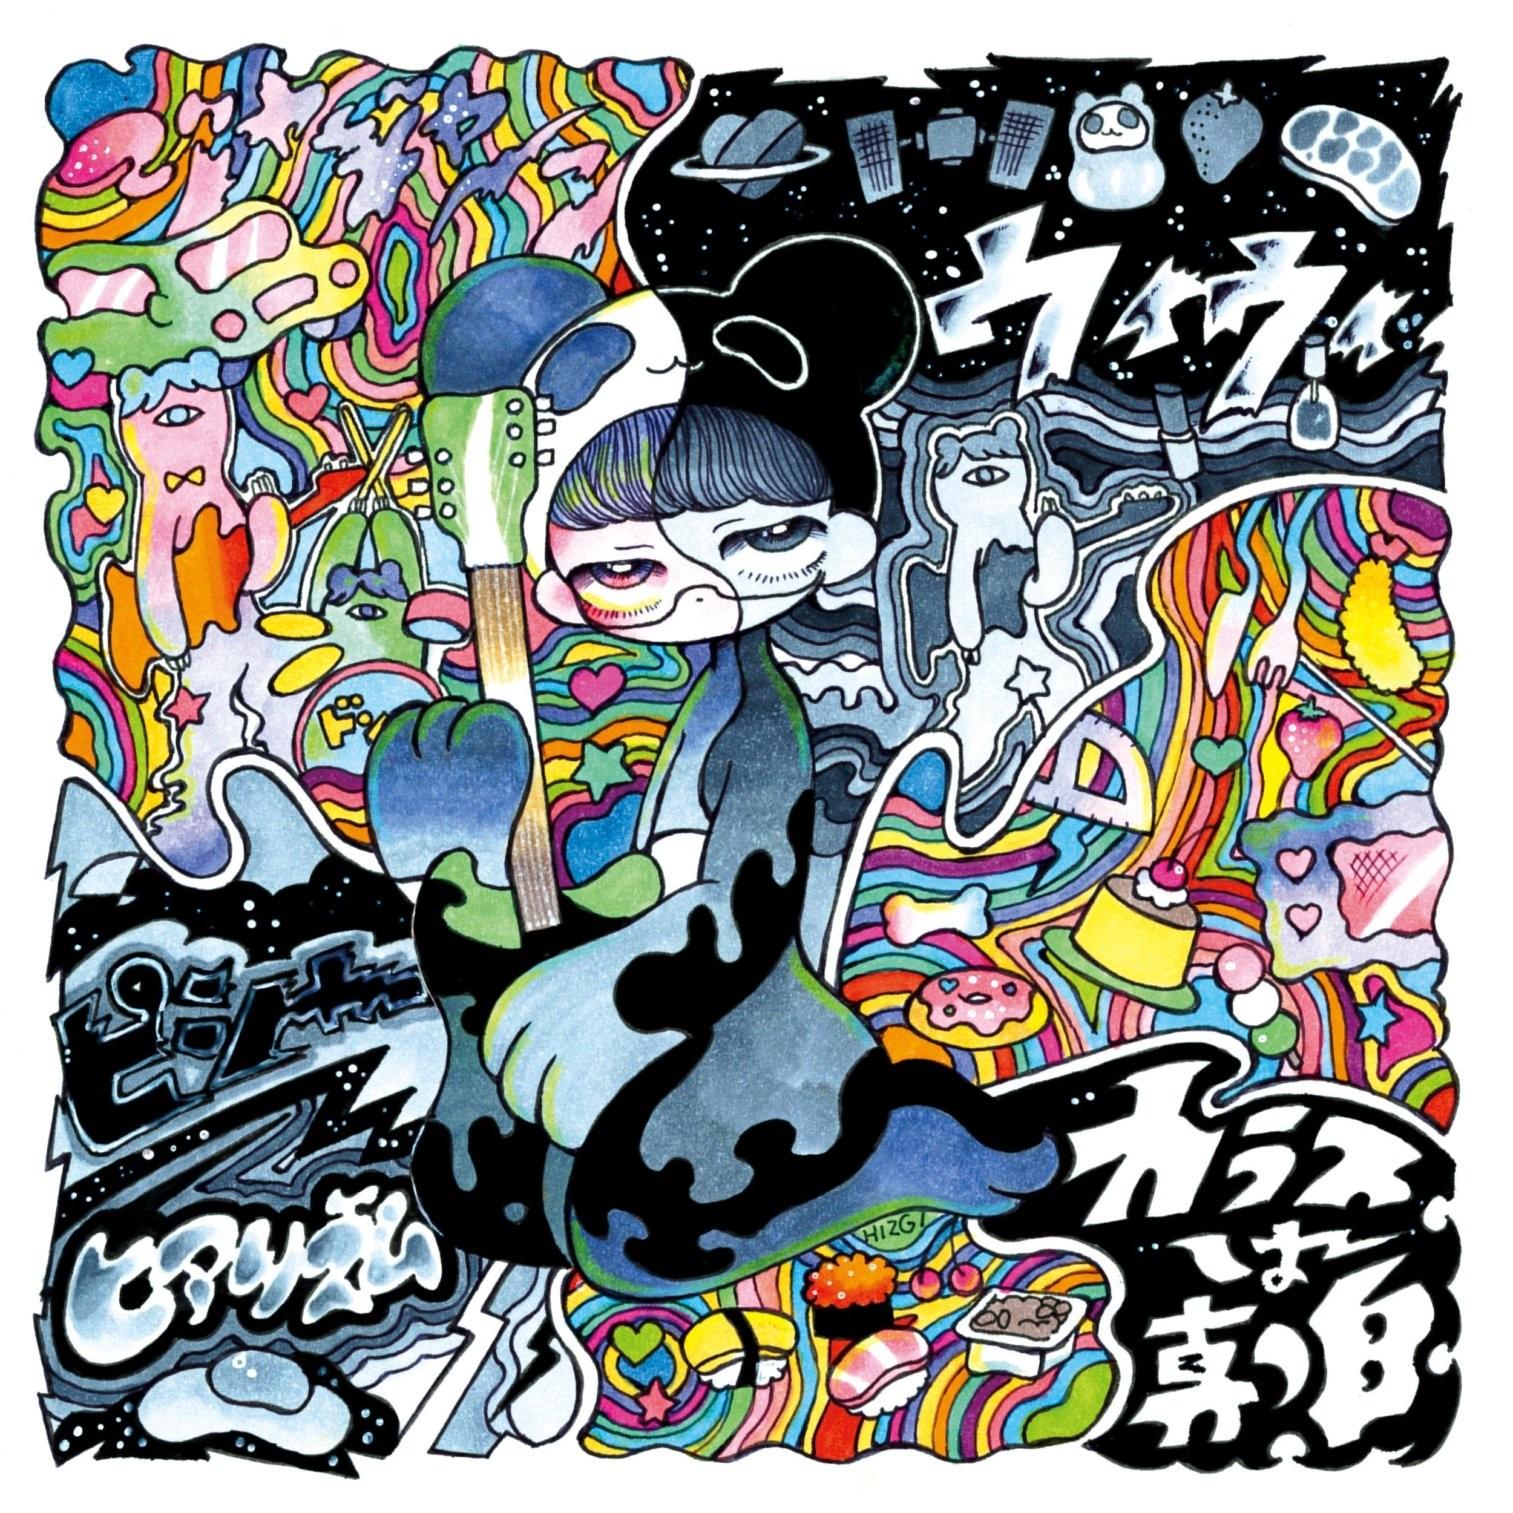 20160112.10.1 Karasu wa Masshiro - Hear Rhythm cover.jpg